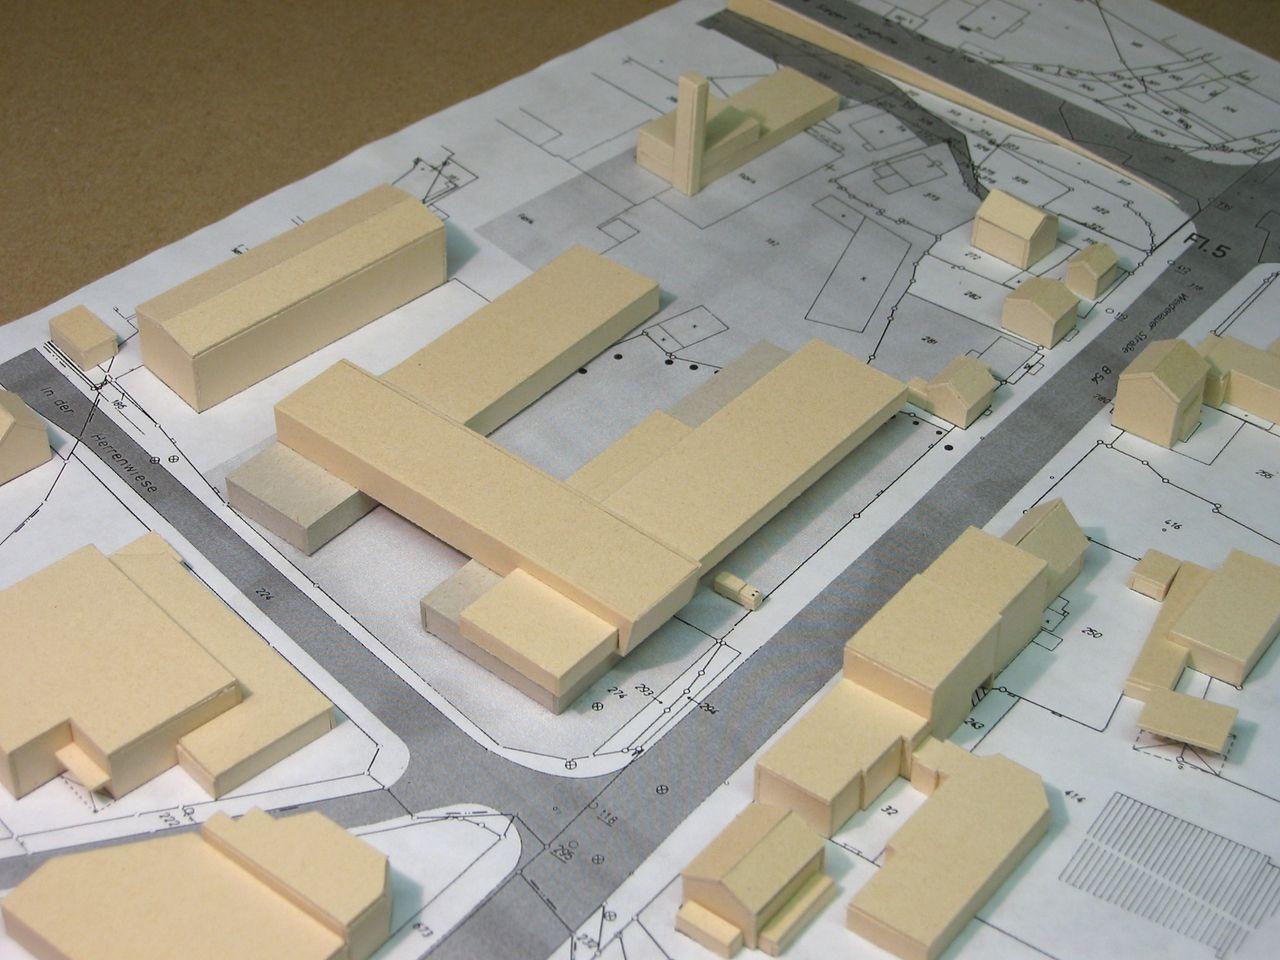 112 neue feuerwache siegen diplomthema ss2002 lab42 architekturinformatik und entwerfen - Architektur siegen ...